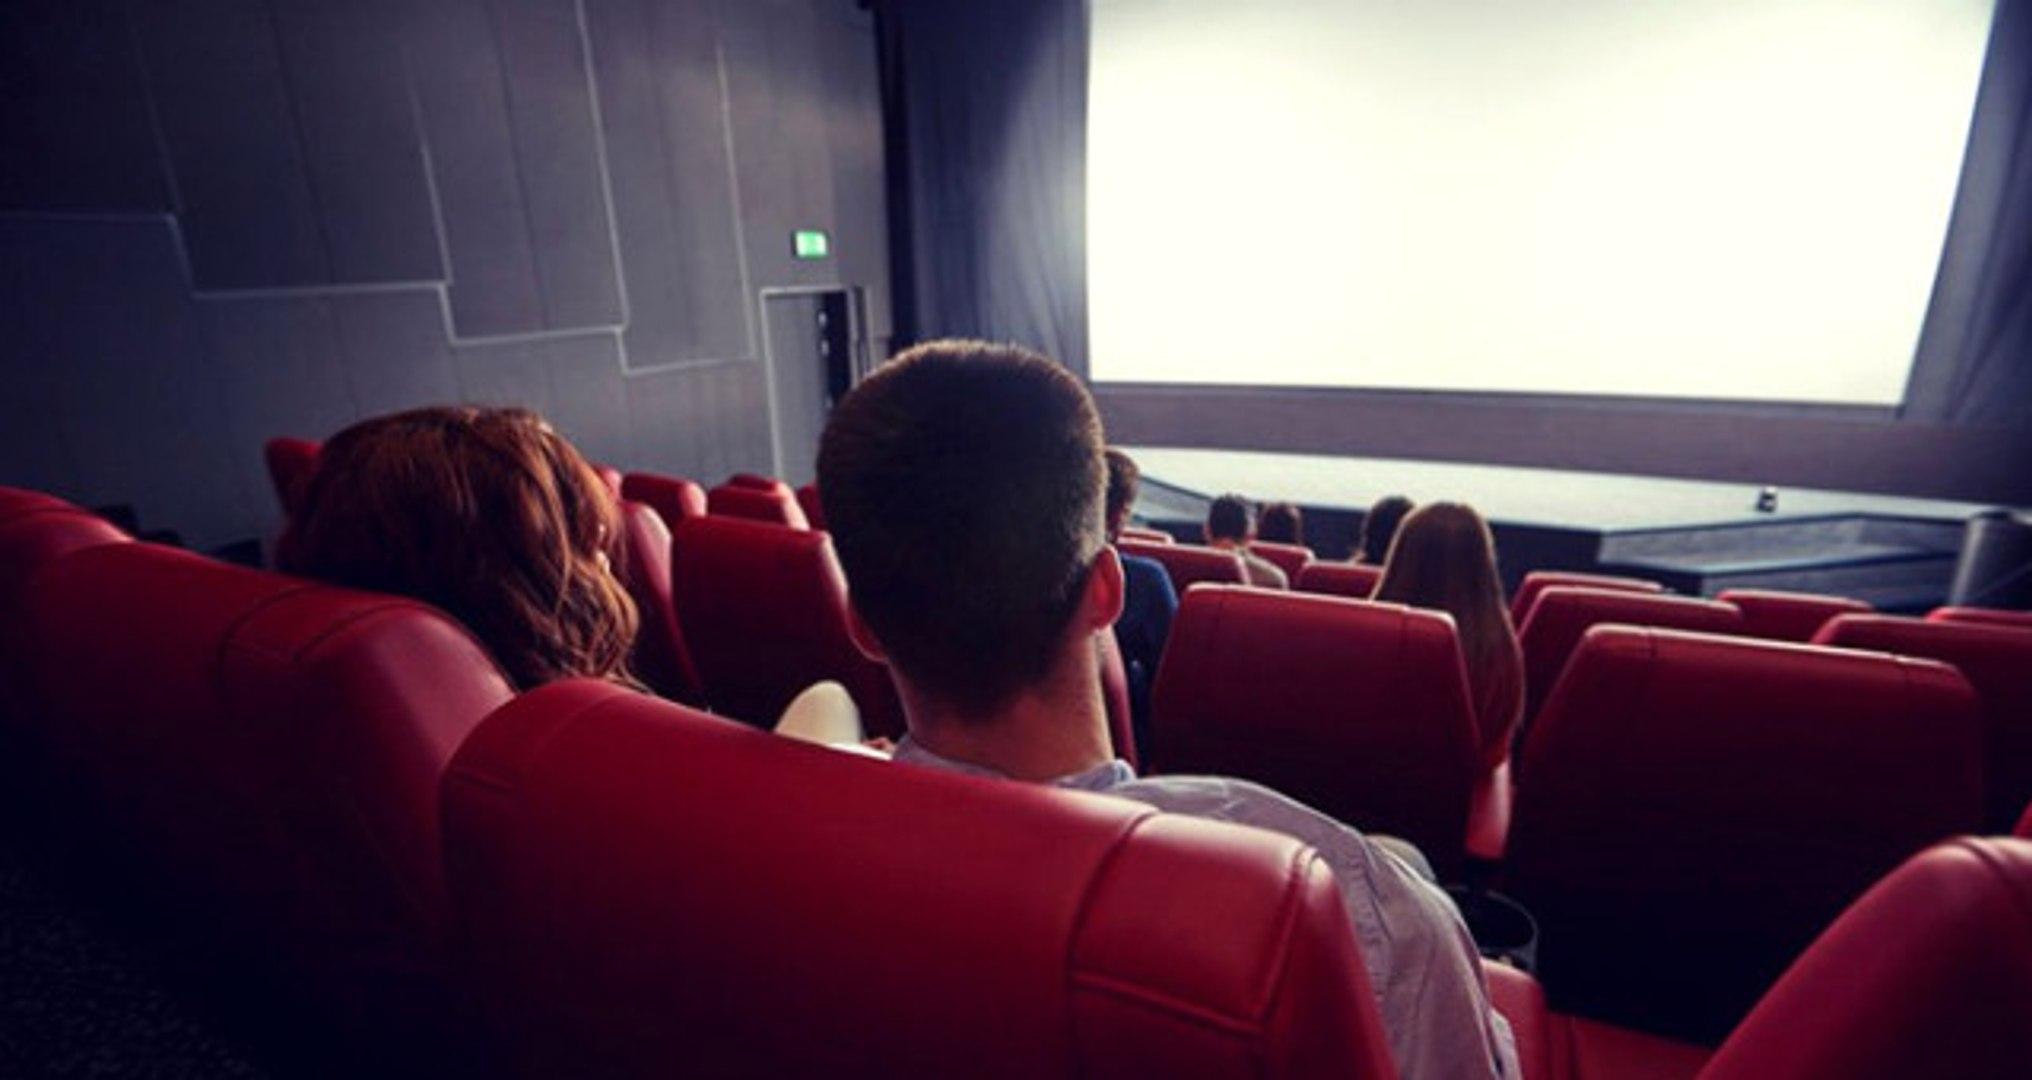 Son Dakika! Sinema Krizine Bakan El Attı! Bilet Tartışması Sona Erecek